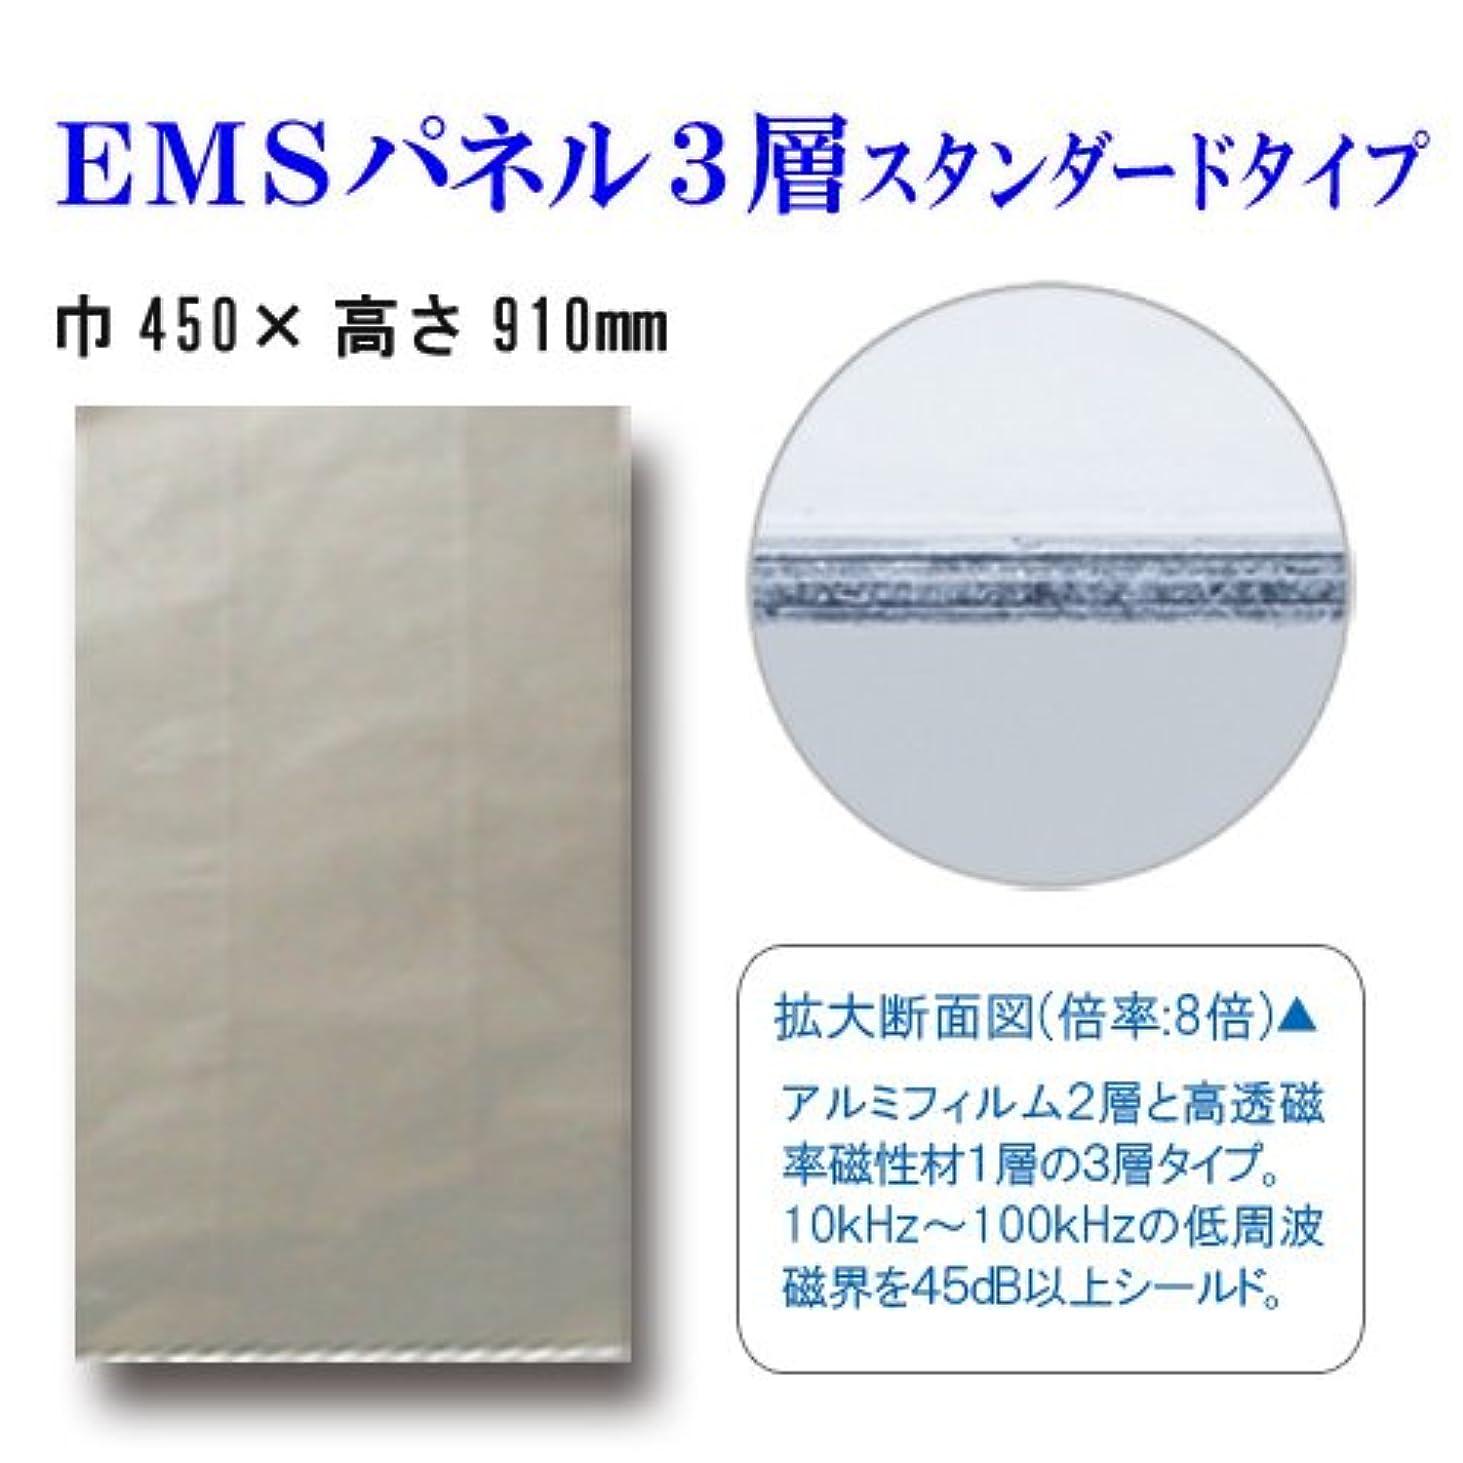 後方に穴助けになるEMSパネル3層-標準タイプ(低周波磁界対策)450×910mm